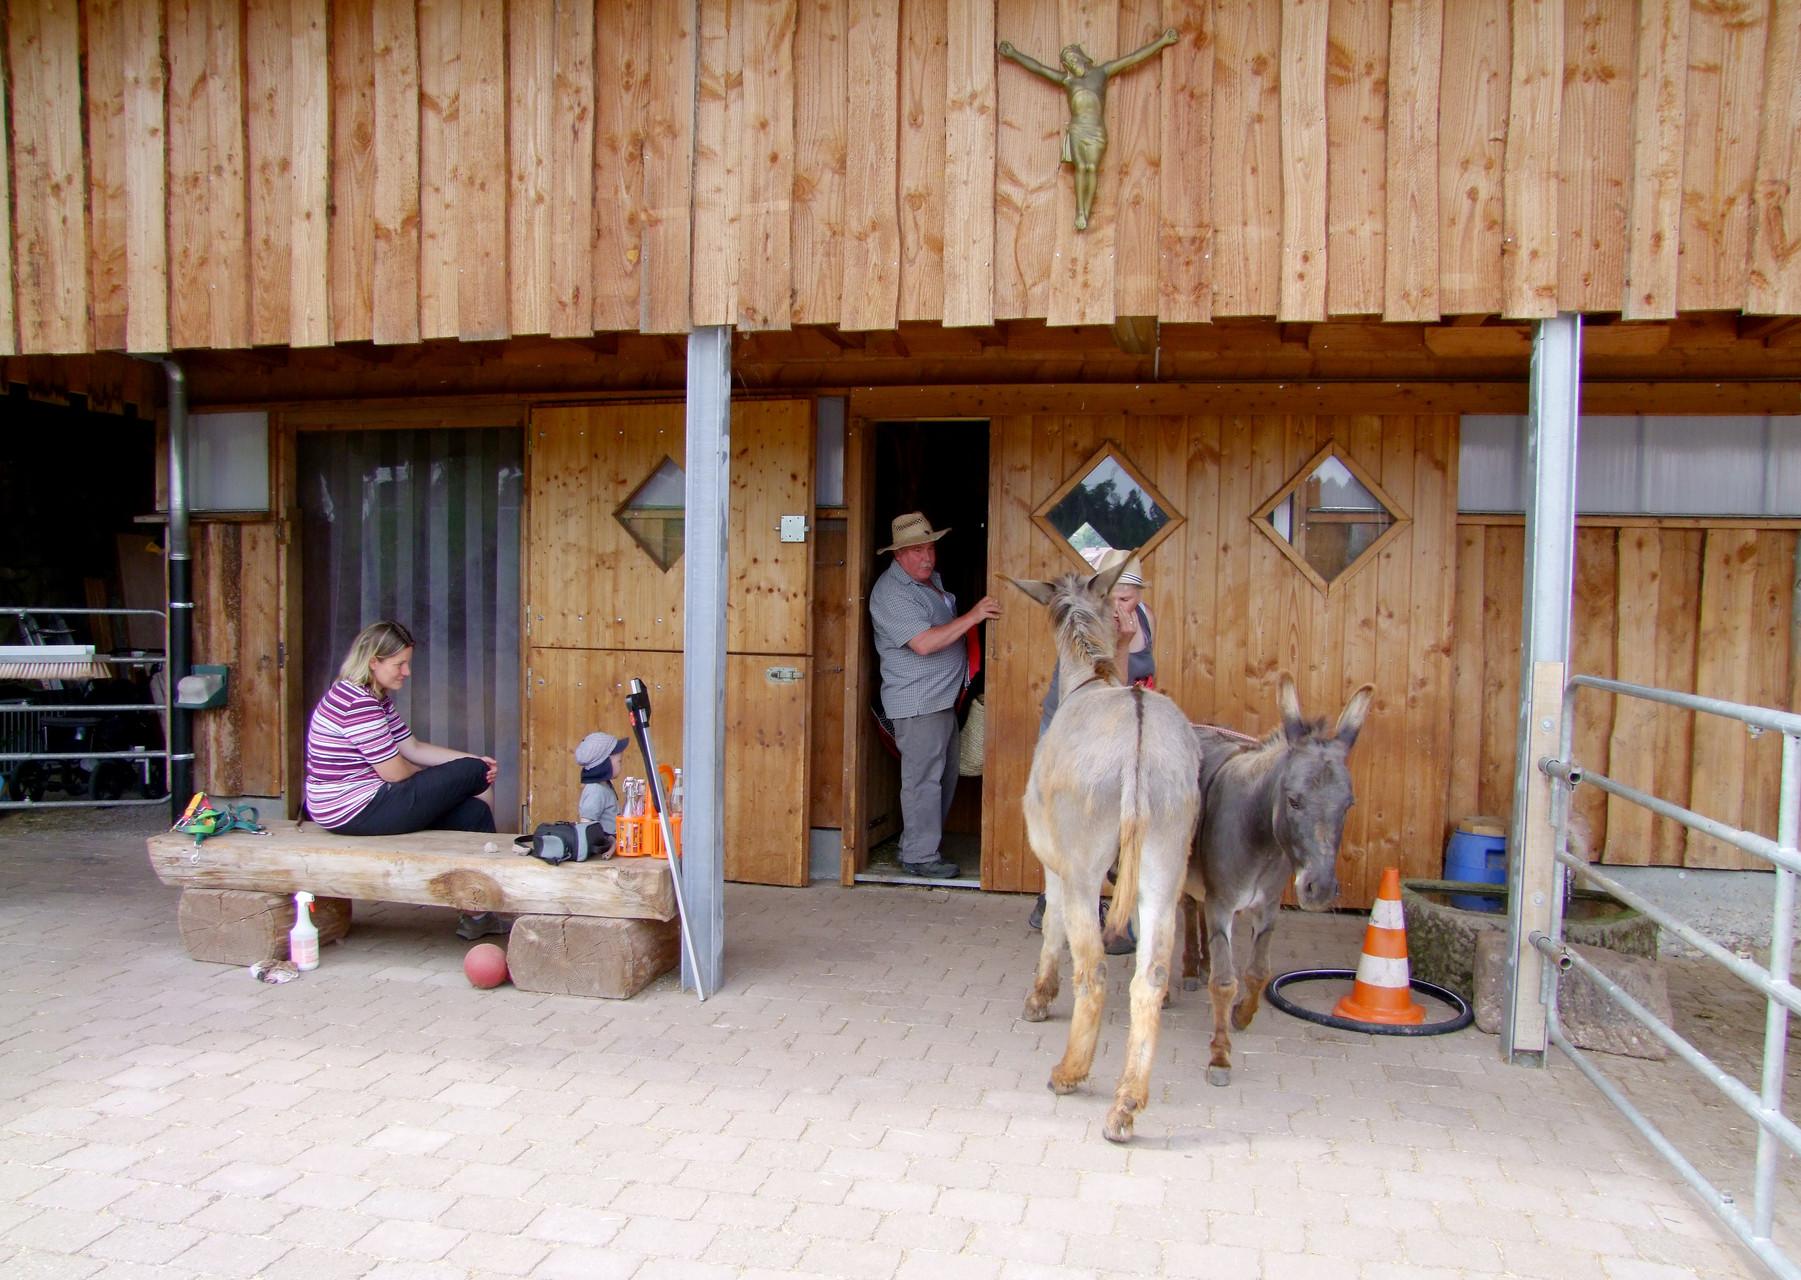 Auf der Heimreise Nähe Bodensee: Einige Esel lebten auf einer wunderschönen Anlage, die keine Wünsche mehr offen ließ.